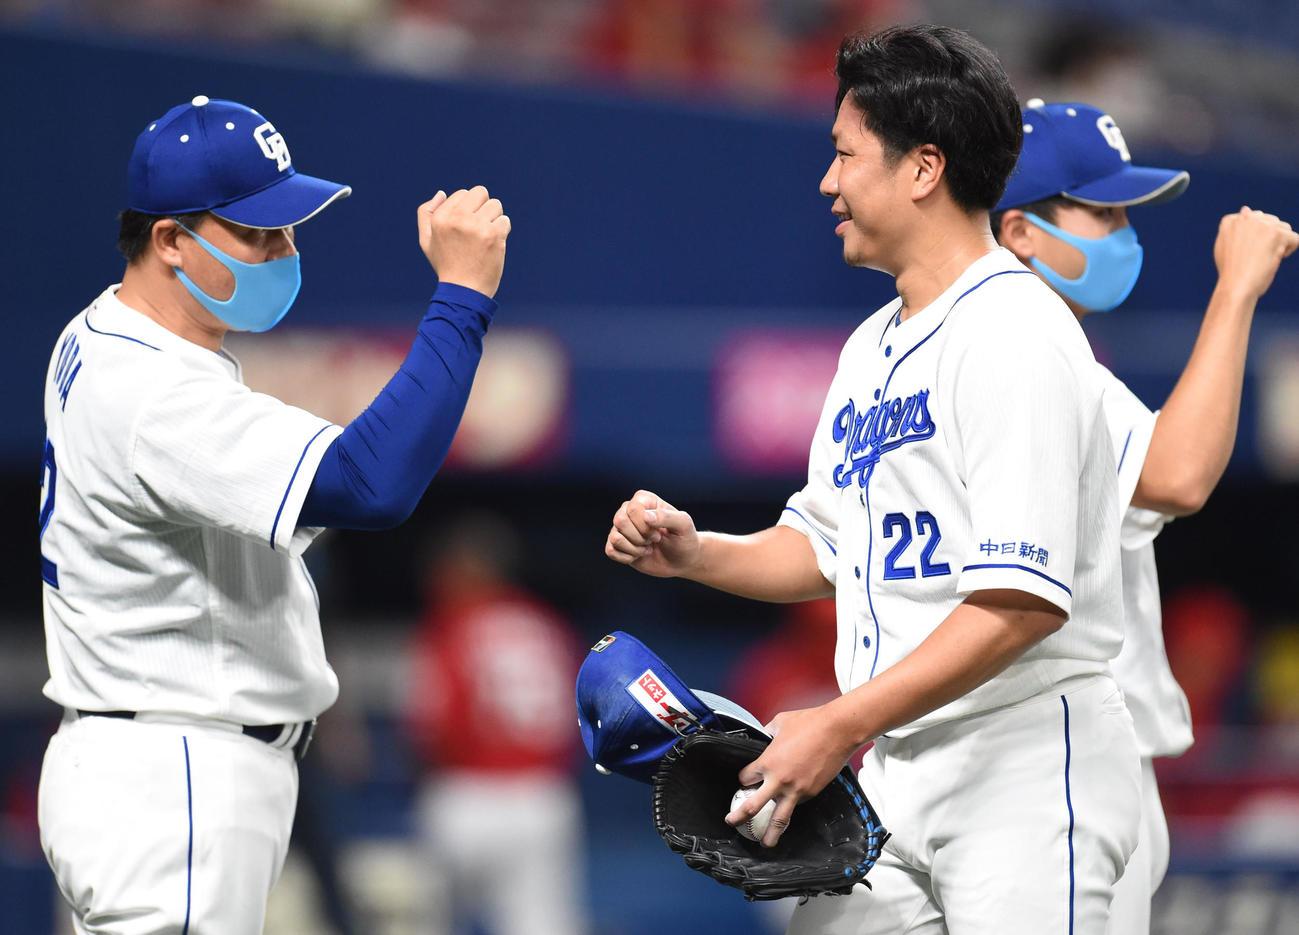 5試合連続完投勝利を決めた大野雄大(右)を出迎える与田監督(2020年9月1日撮影)